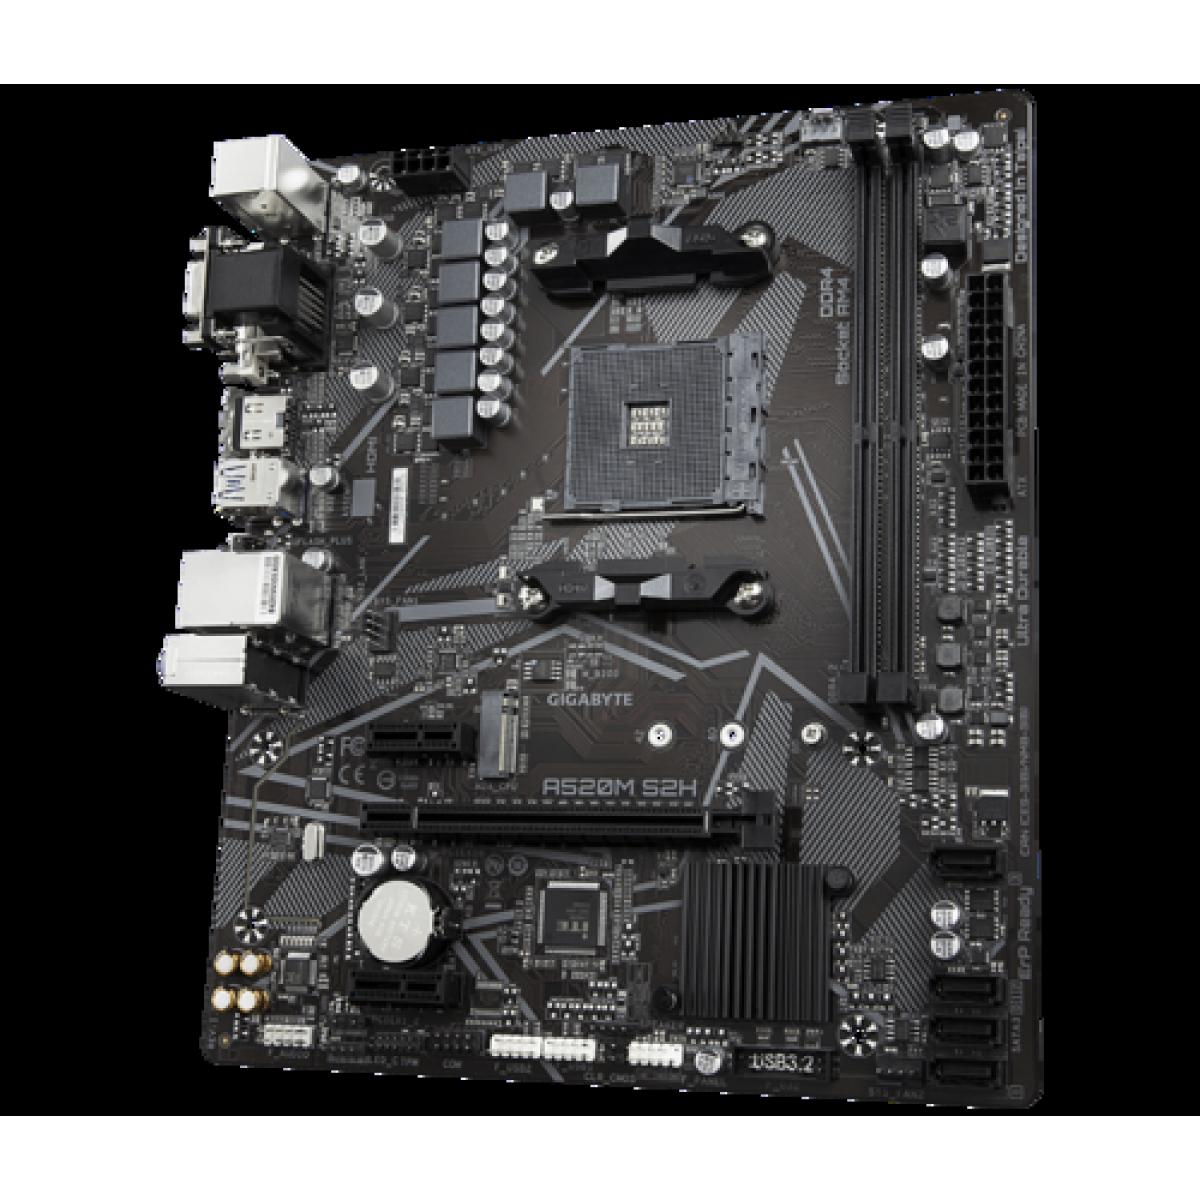 Placa Mãe Gigabyte A520M S2H, Chipset A520, AMD AM4, mATX, DDR4